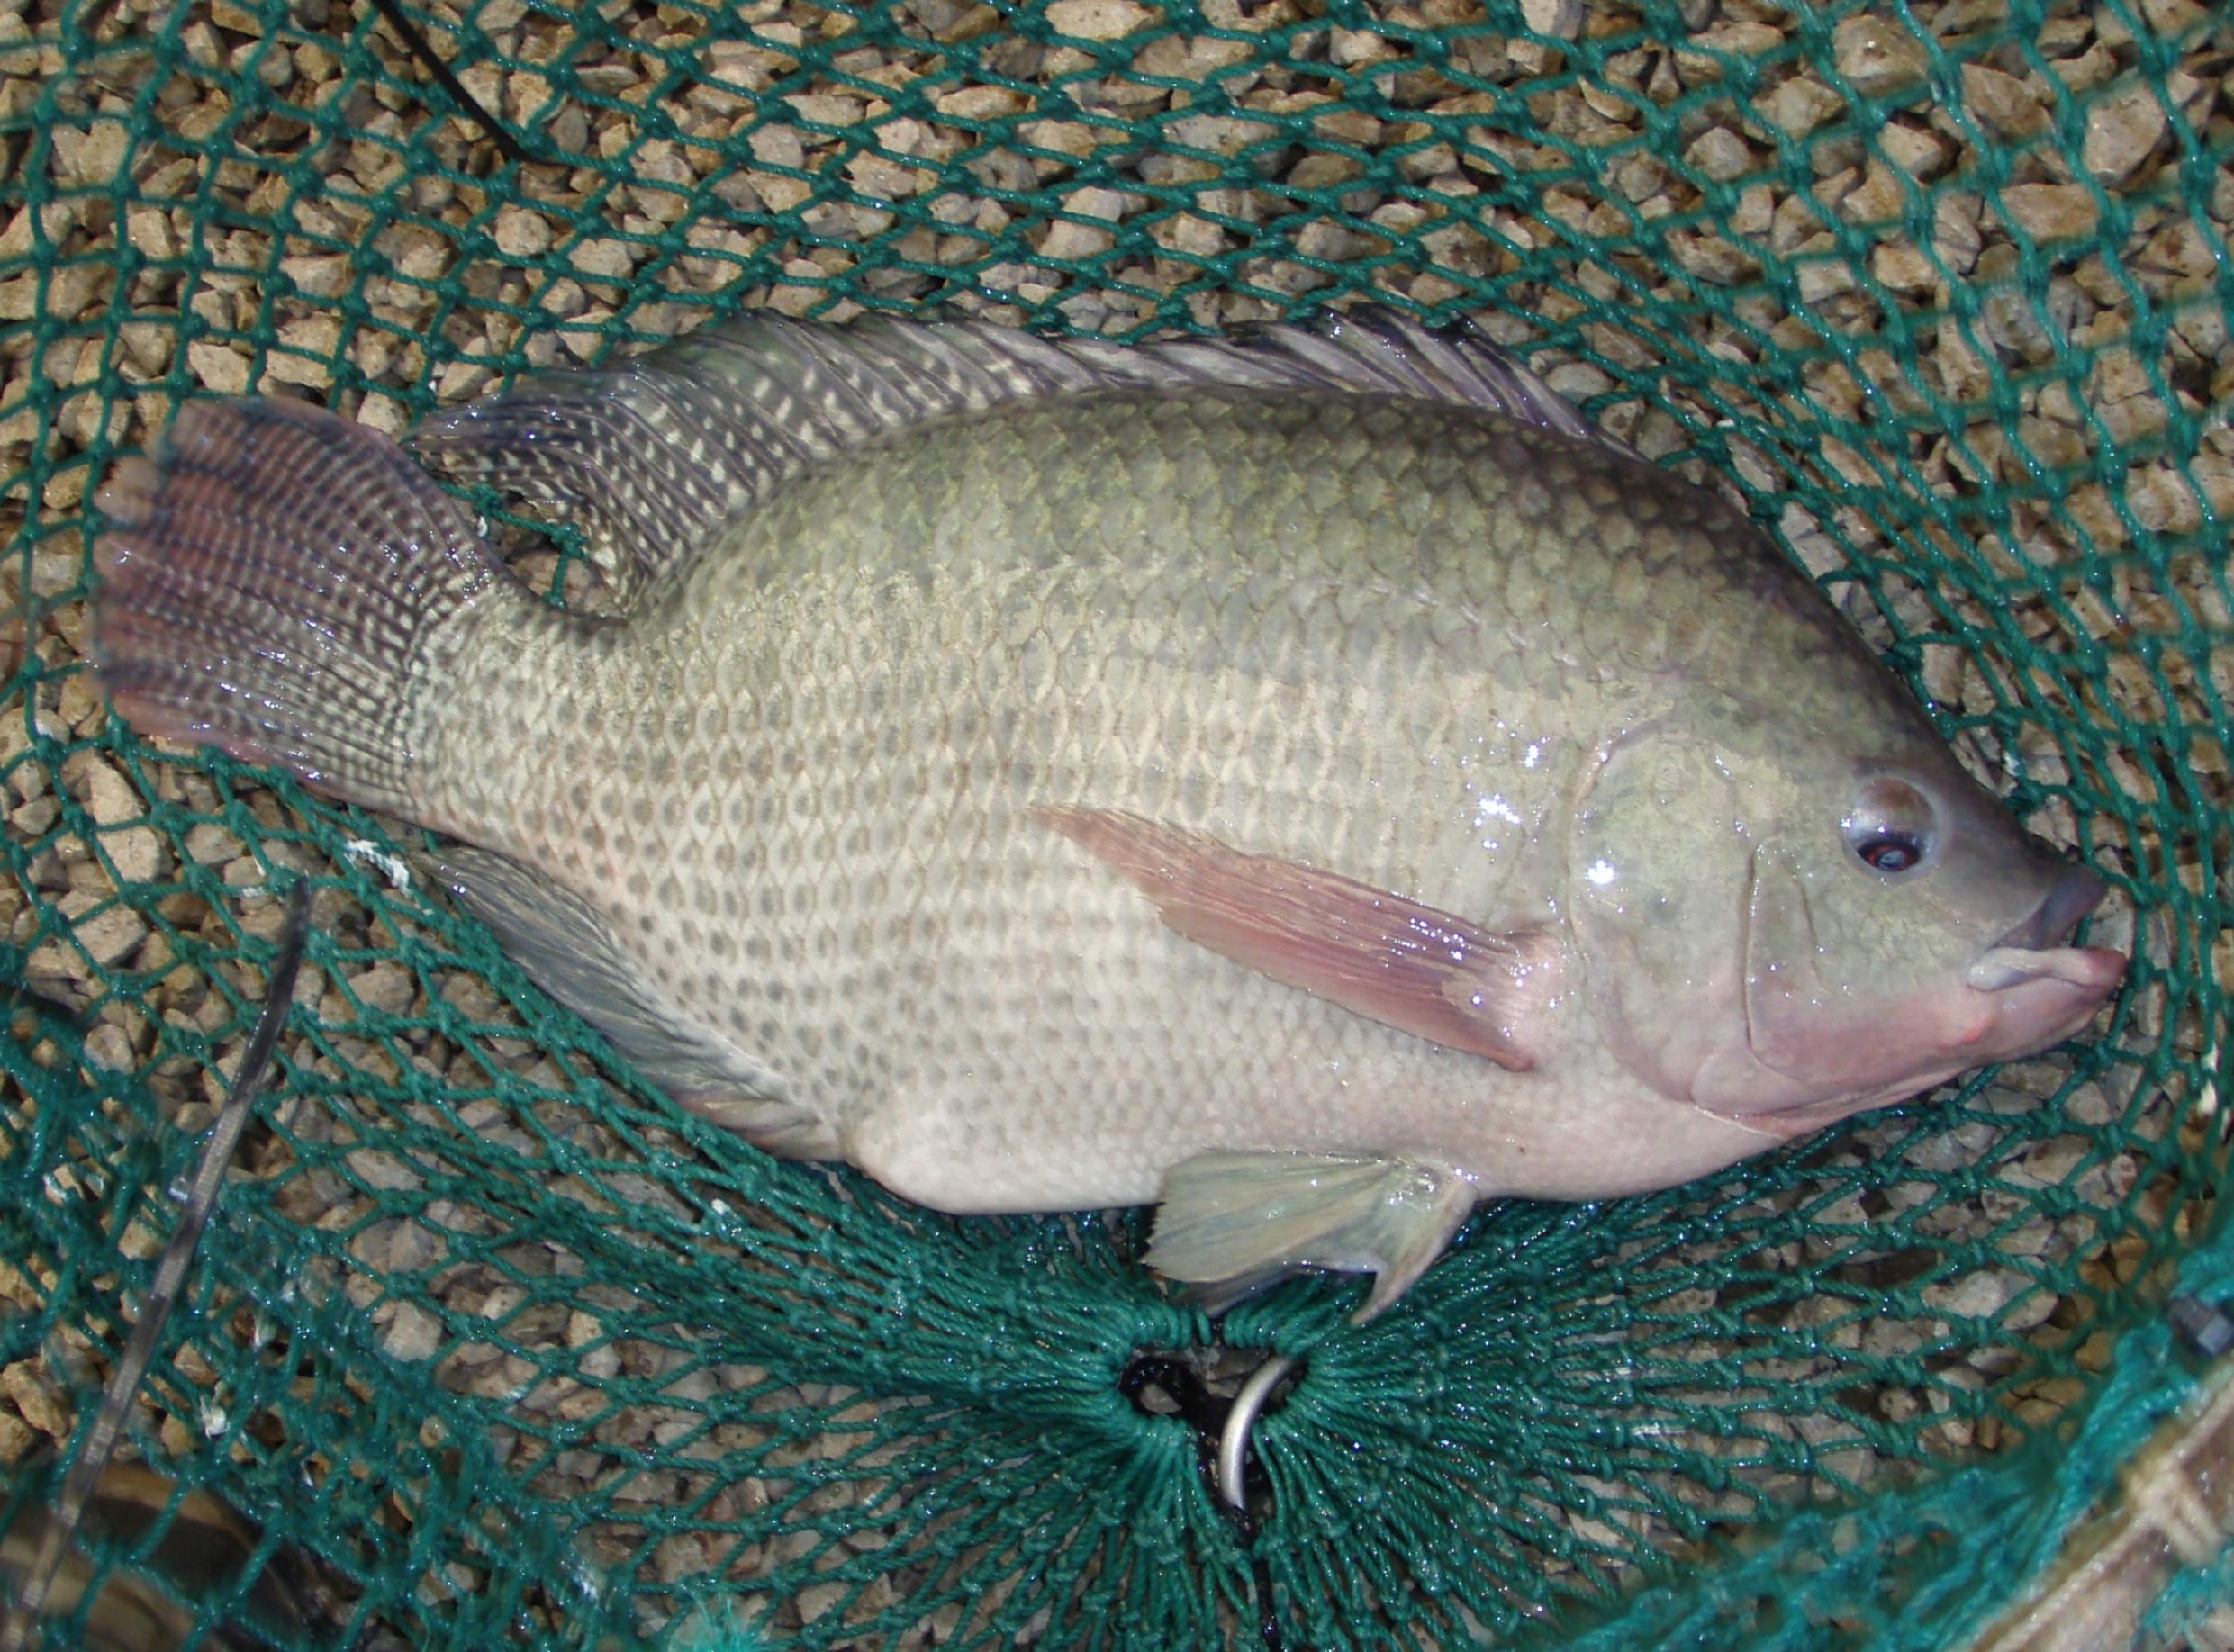 NATI Fish in Net